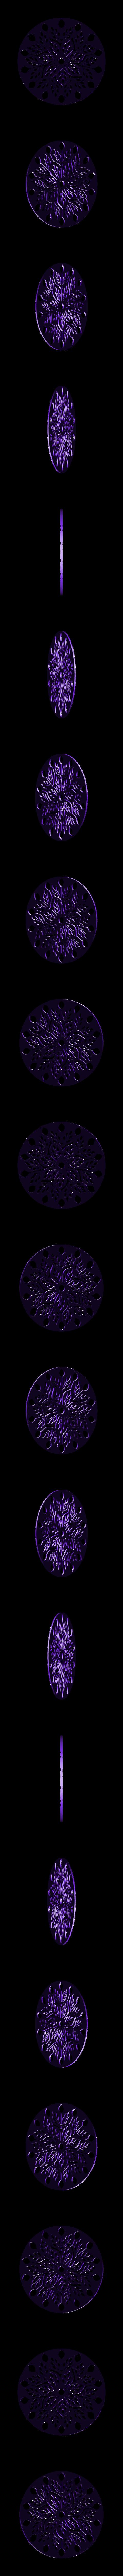 shadow_plate_leaves.stl Télécharger fichier STL gratuit Lampe de projecteur RGB • Design imprimable en 3D, Job